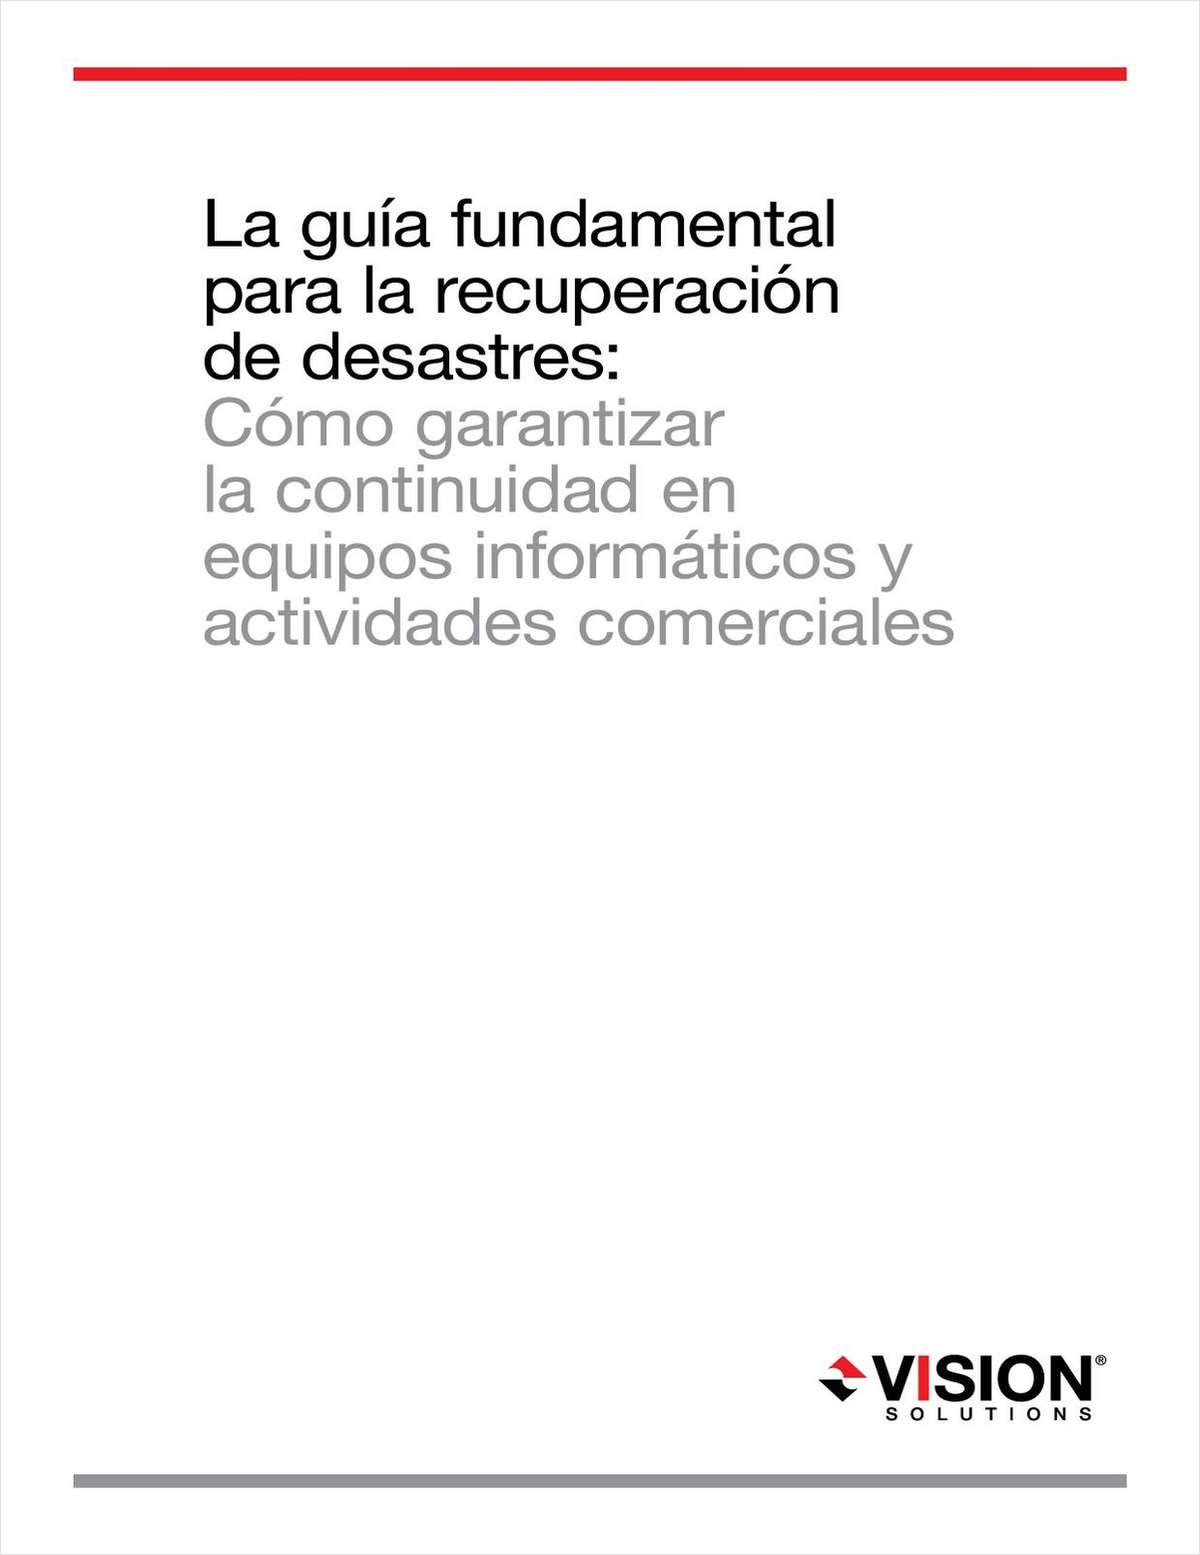 La Guía Fundamental para la Recuperación de Desastres